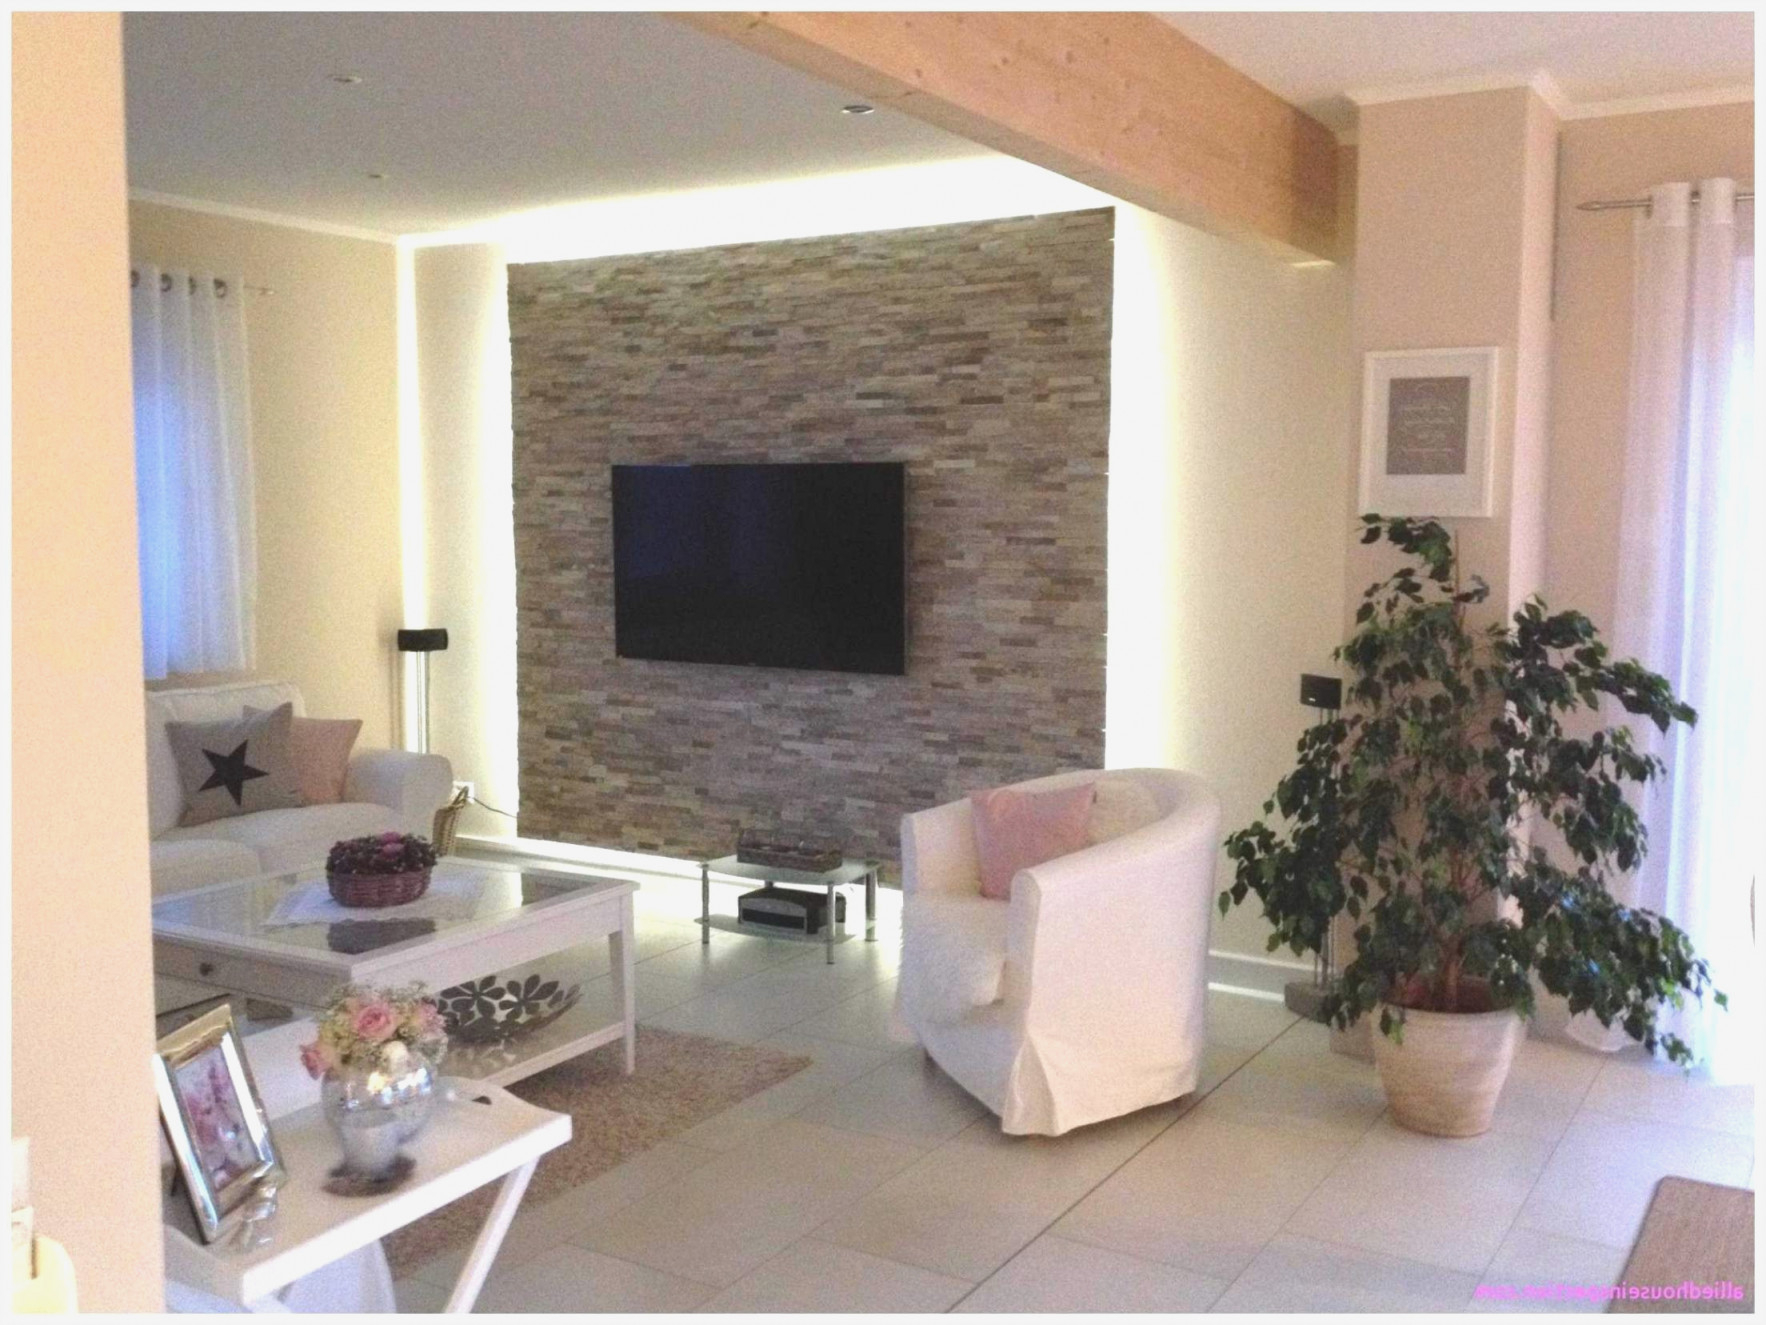 Kleines Wohnzimmer Einrichten Modern  Wohnzimmer von Kleines Wohnzimmer Einrichten Ideen Modern Photo